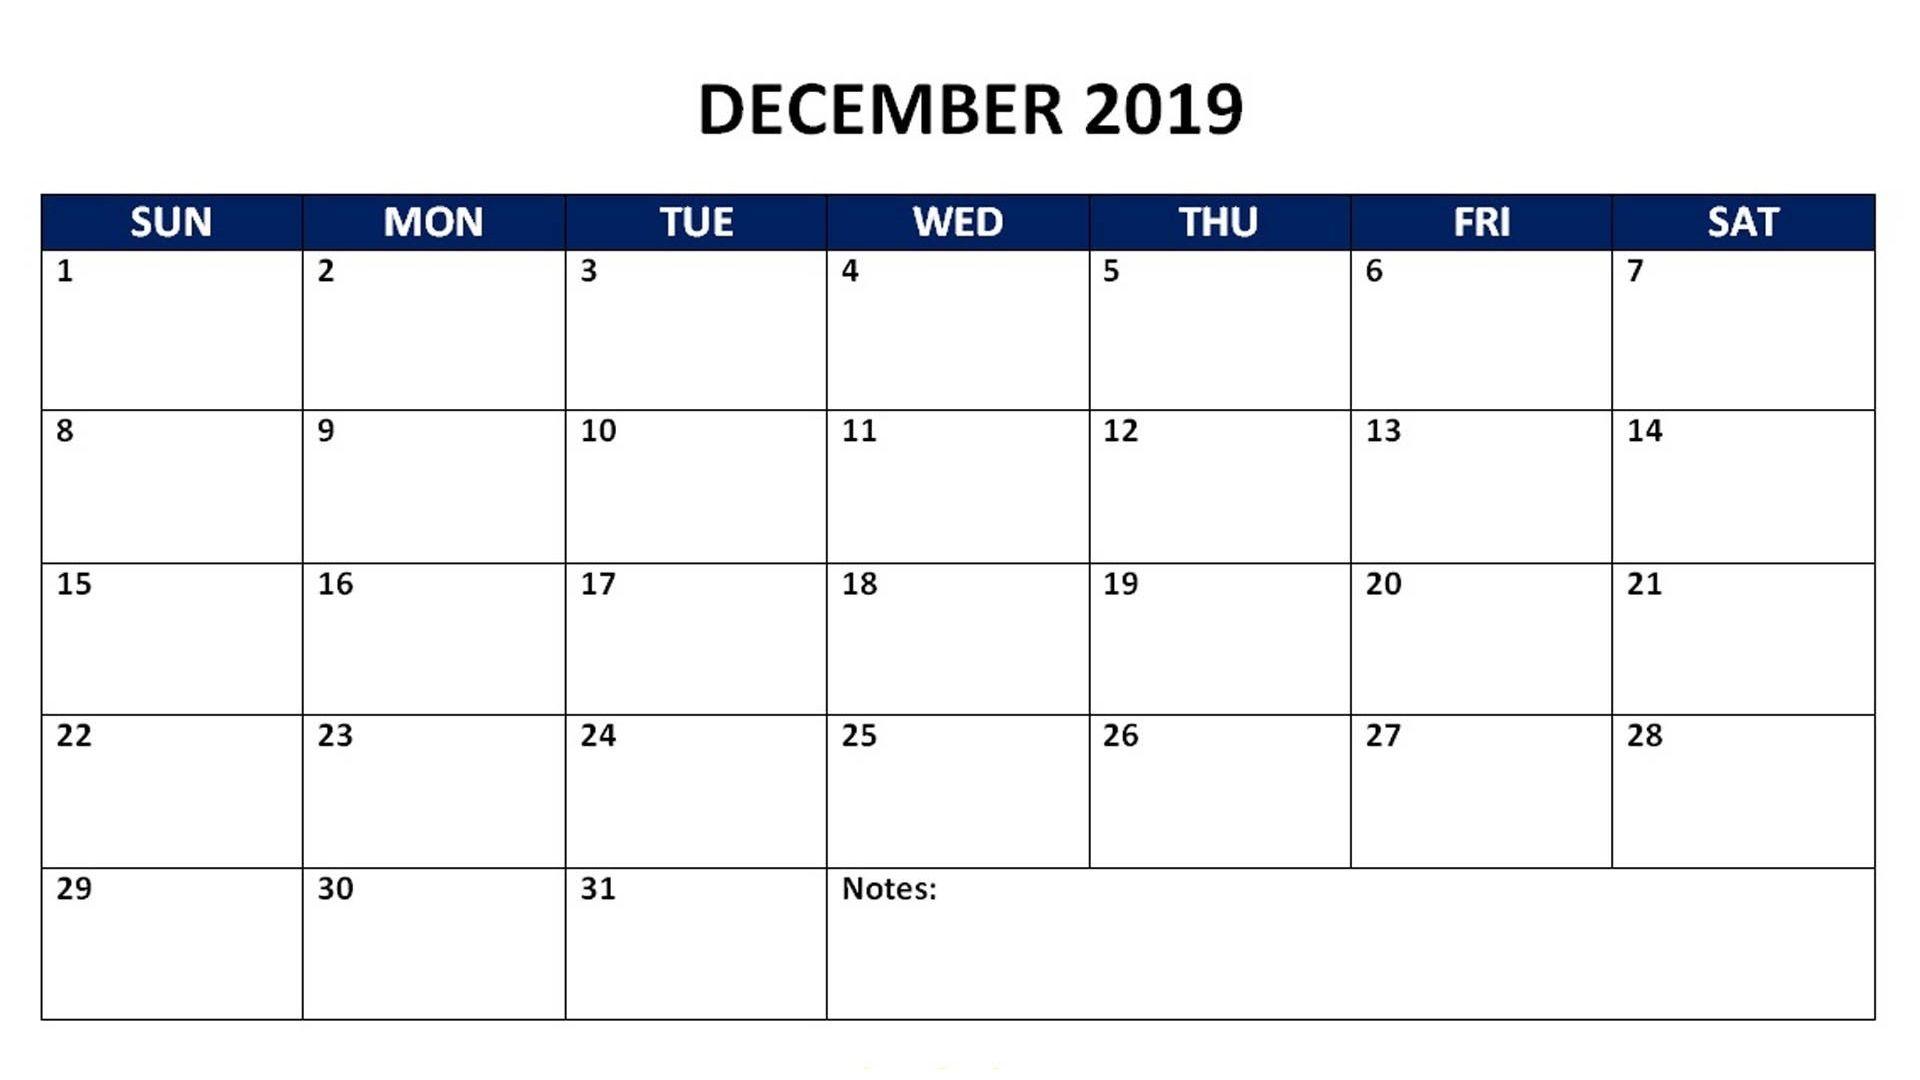 December 2019 Monthly Calendar 2019 Calendars Calendar 2019